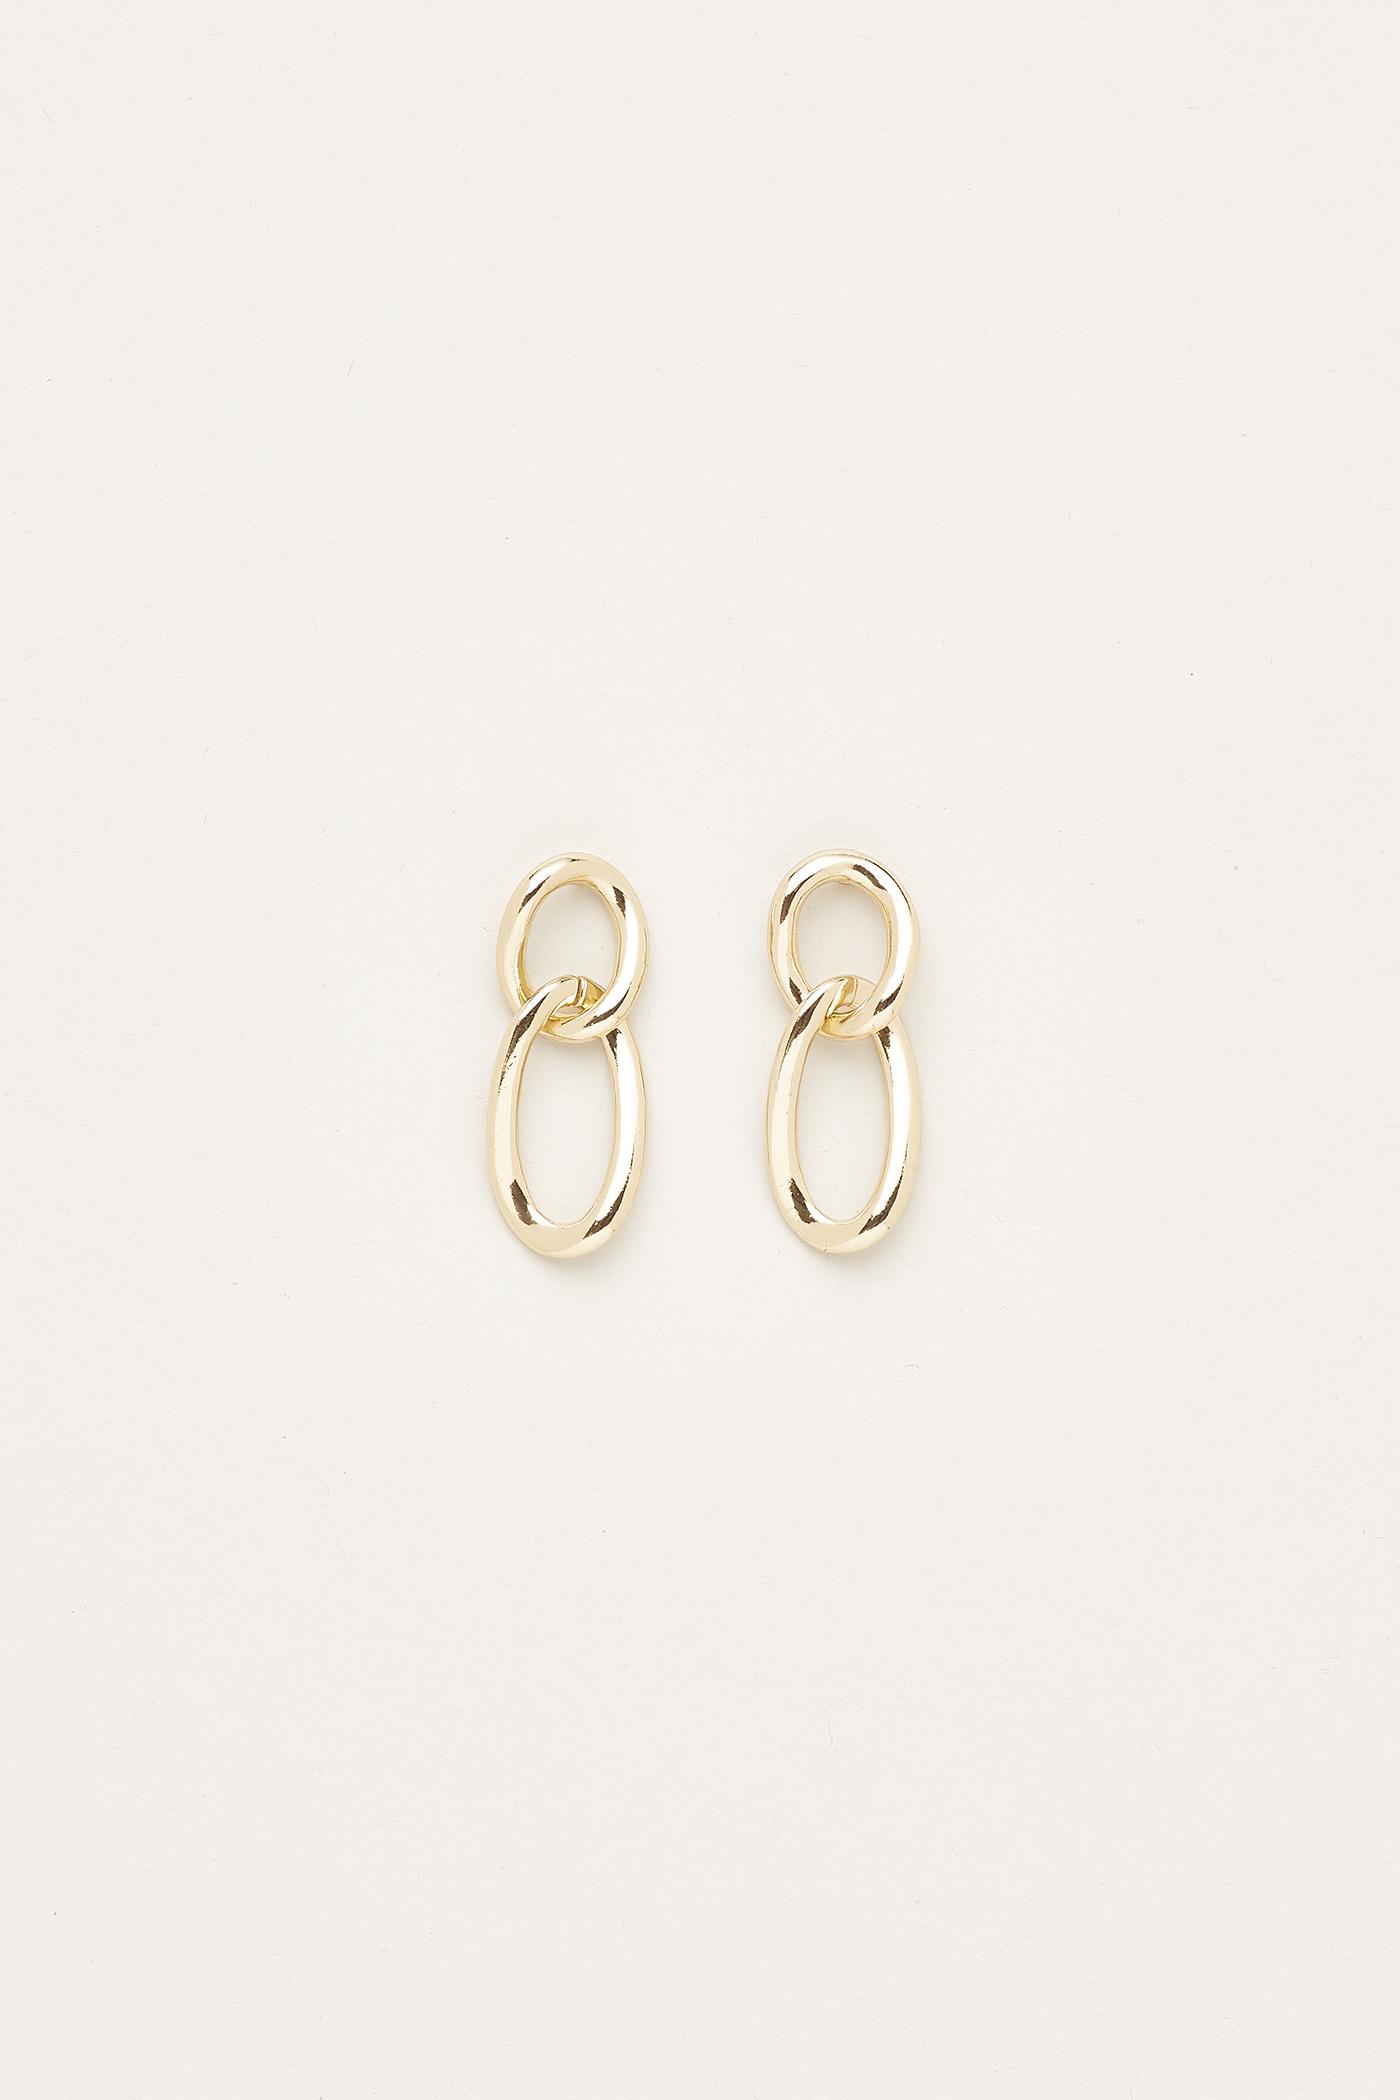 Jenica Chain Earrings